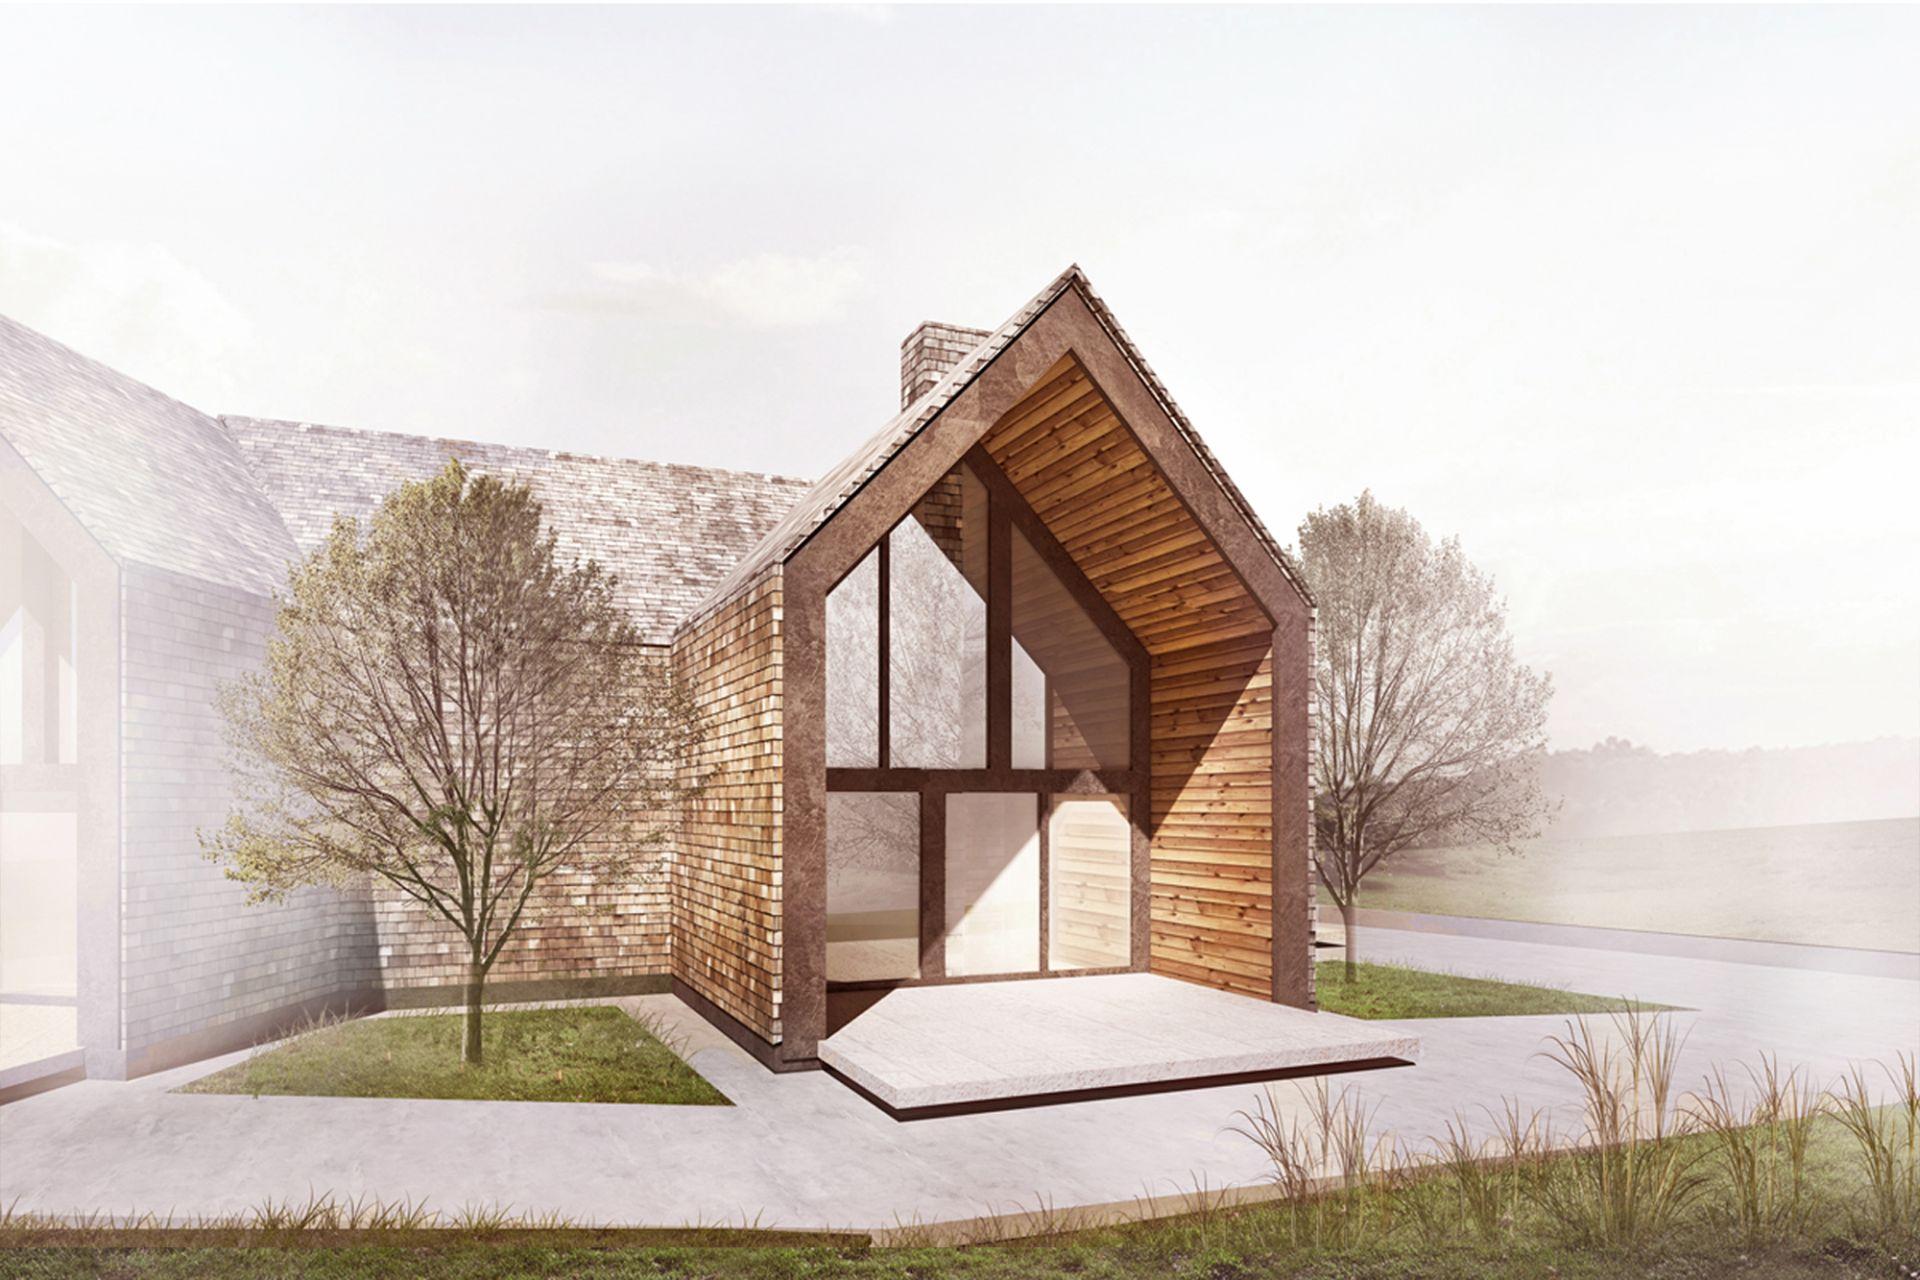 Projekt domu Bielsko-Biała Architektura Genius Loci Architekci